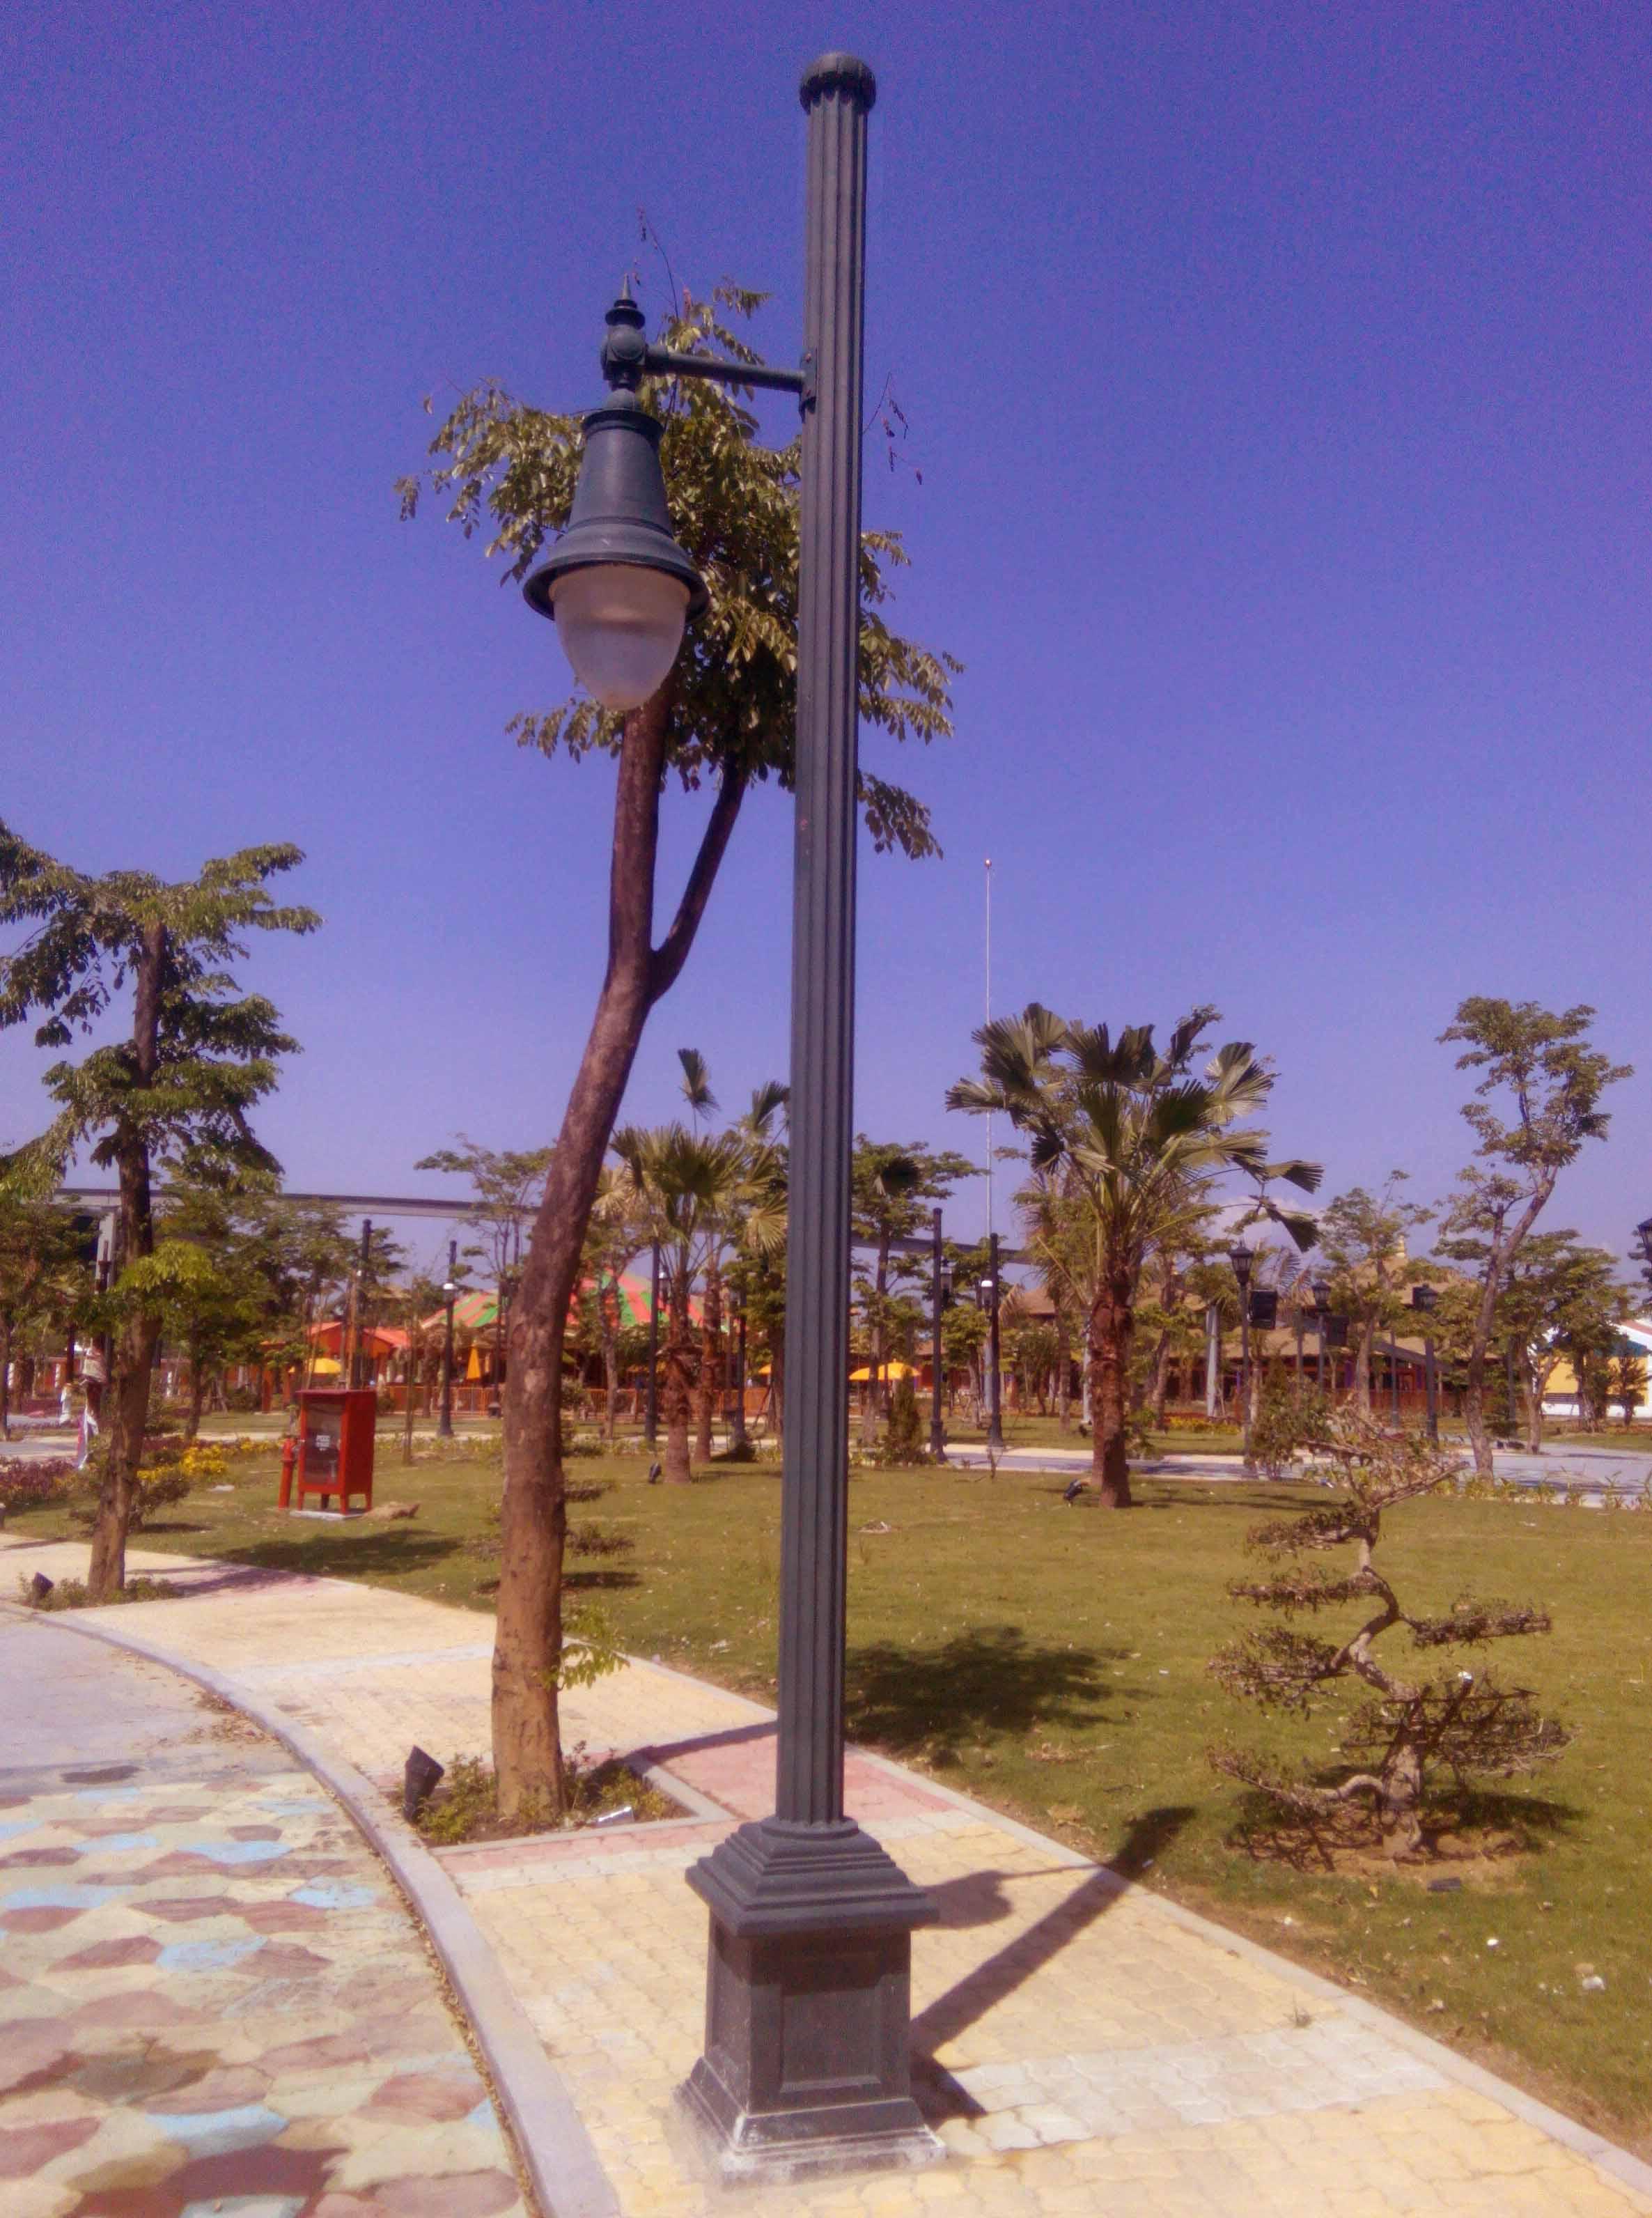 Trụ đèn sân vườn APC kiểu 1 tay tròn